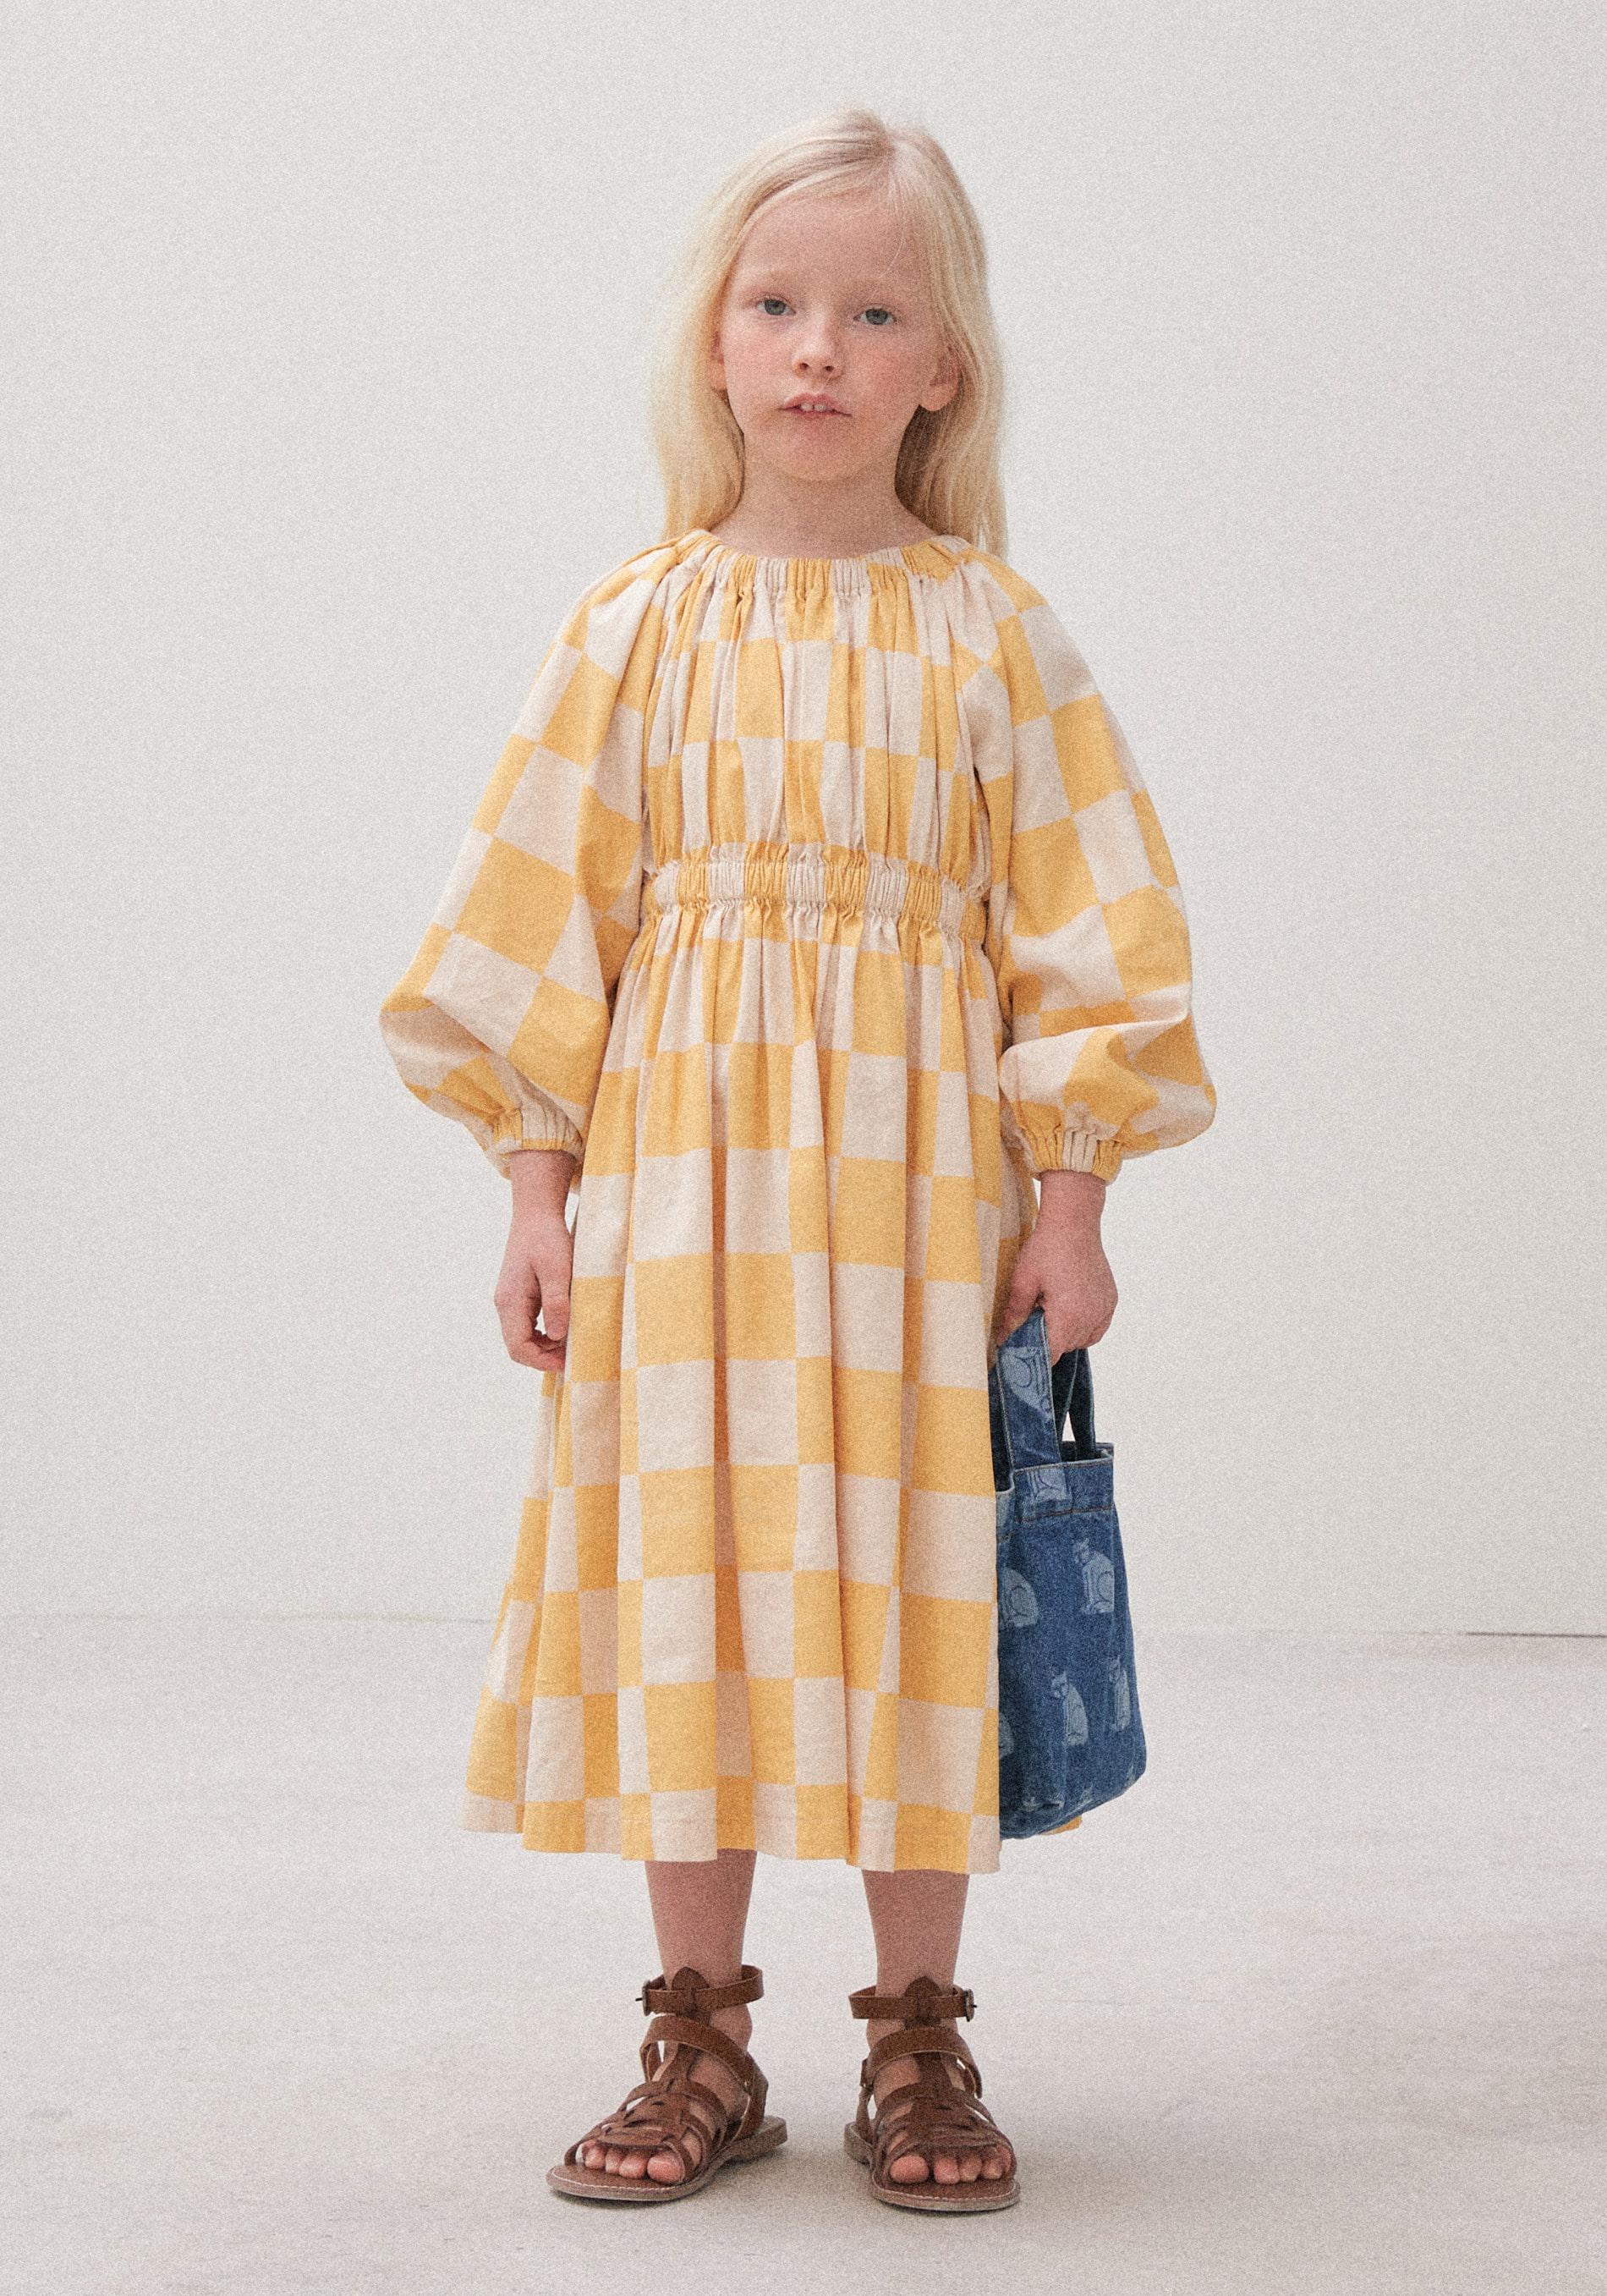 옐로우 체크 드레스